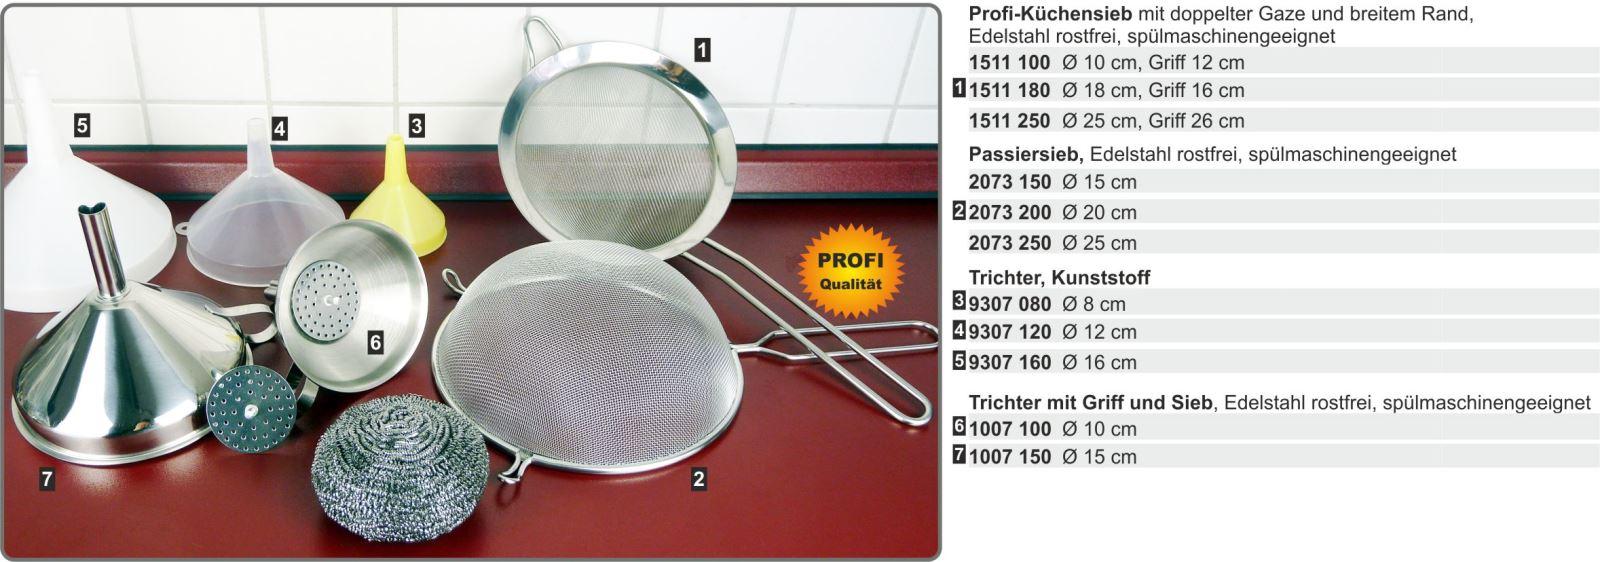 Sieb Kunststoff-Griff mit Edelstahl-Schaumlöffel 26 cm